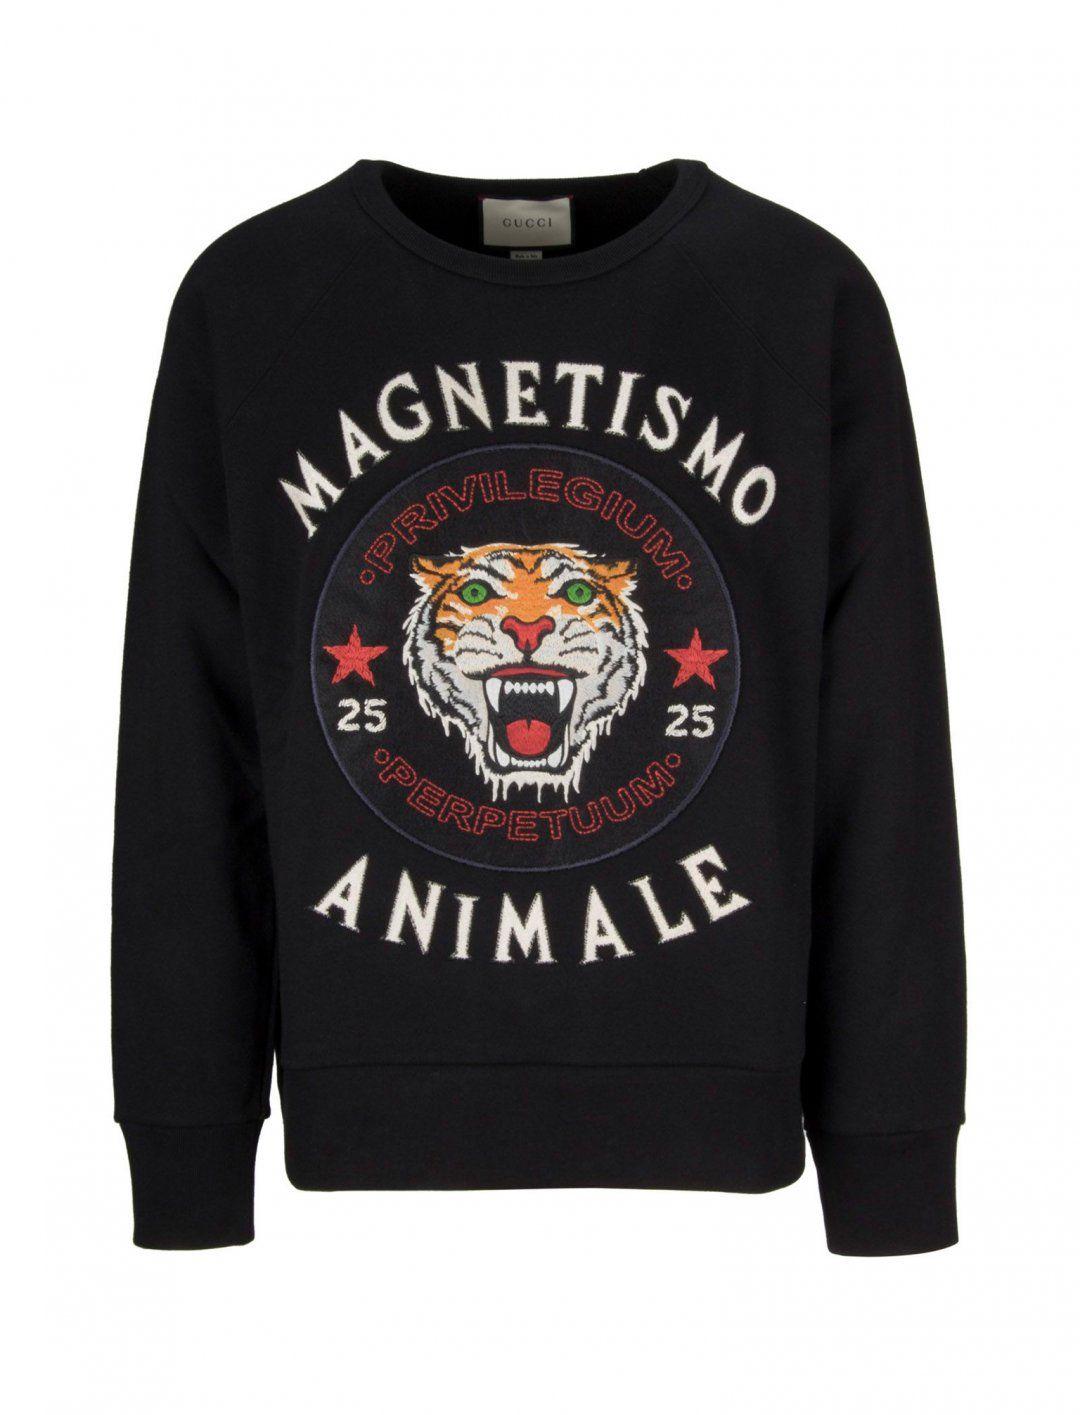 570e6494b1c JAY1 Magnetismo Animale Sweatshirt